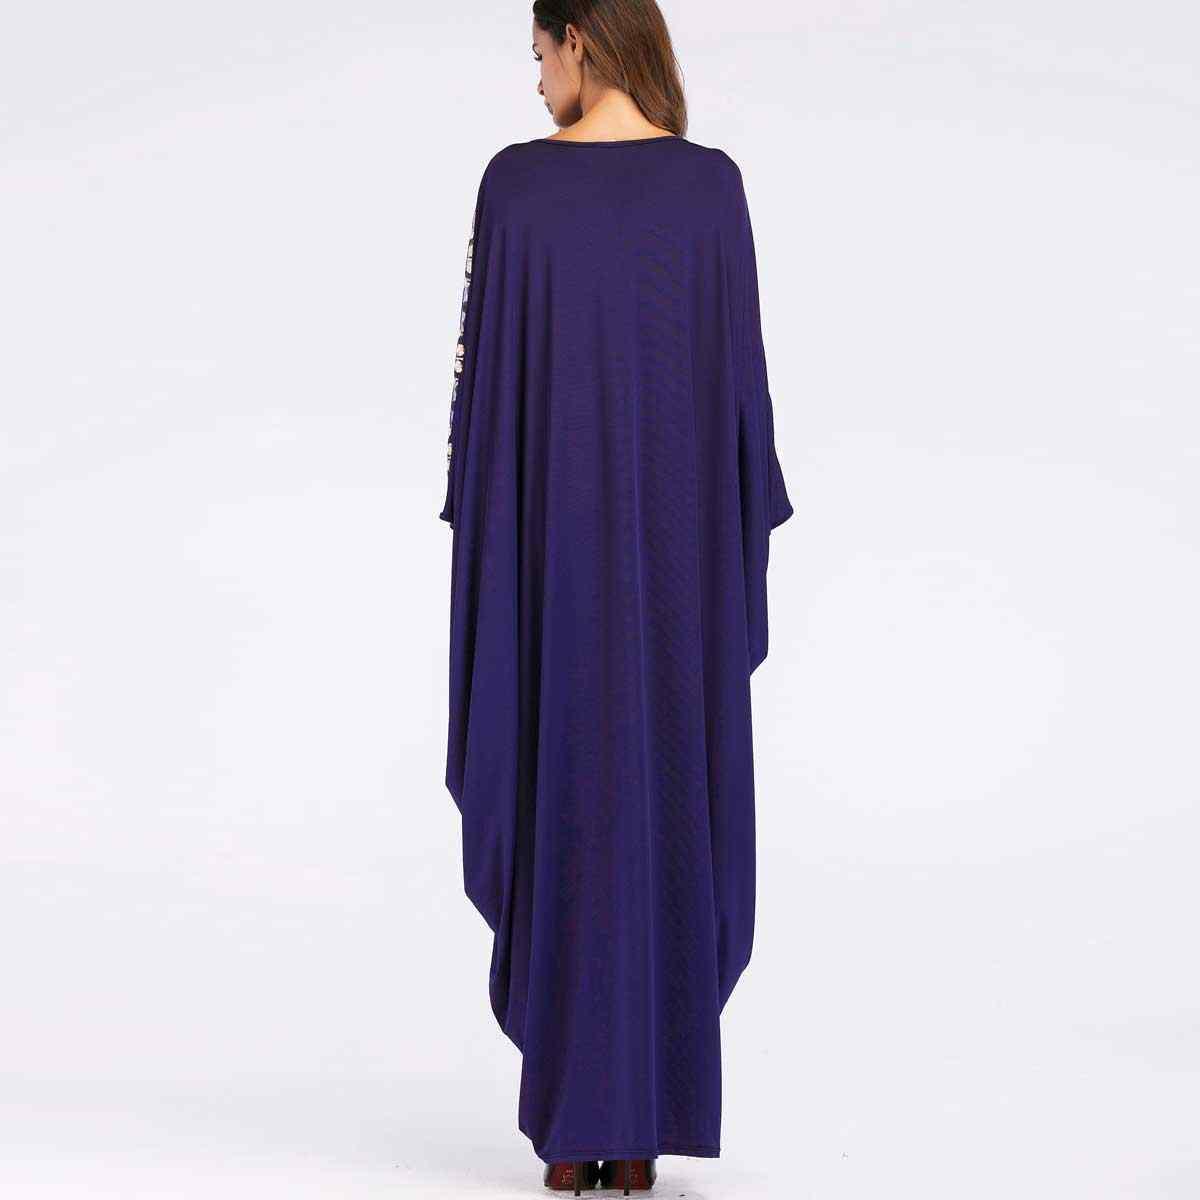 2019 Donne di Modo di Abaya Paillettes Manica A Pipistrello Maxi Vestito Etnico Thobe Chic abito patchwork abito VKDR1439